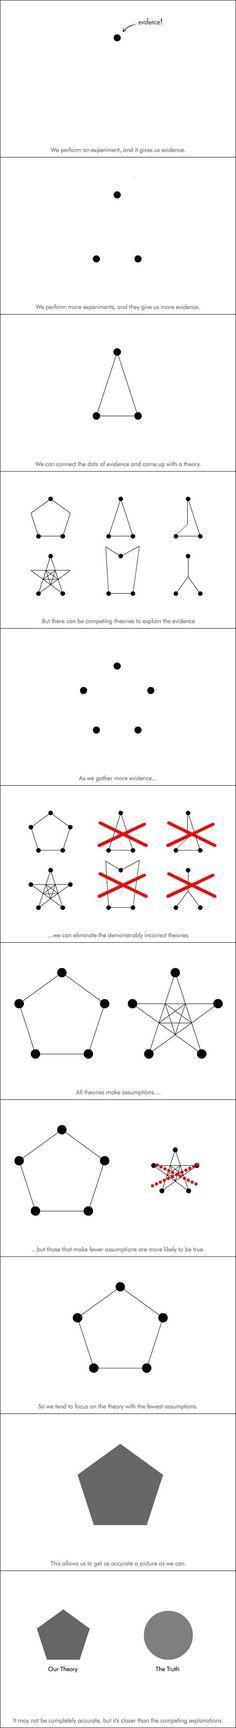 Theory vs. Truth.